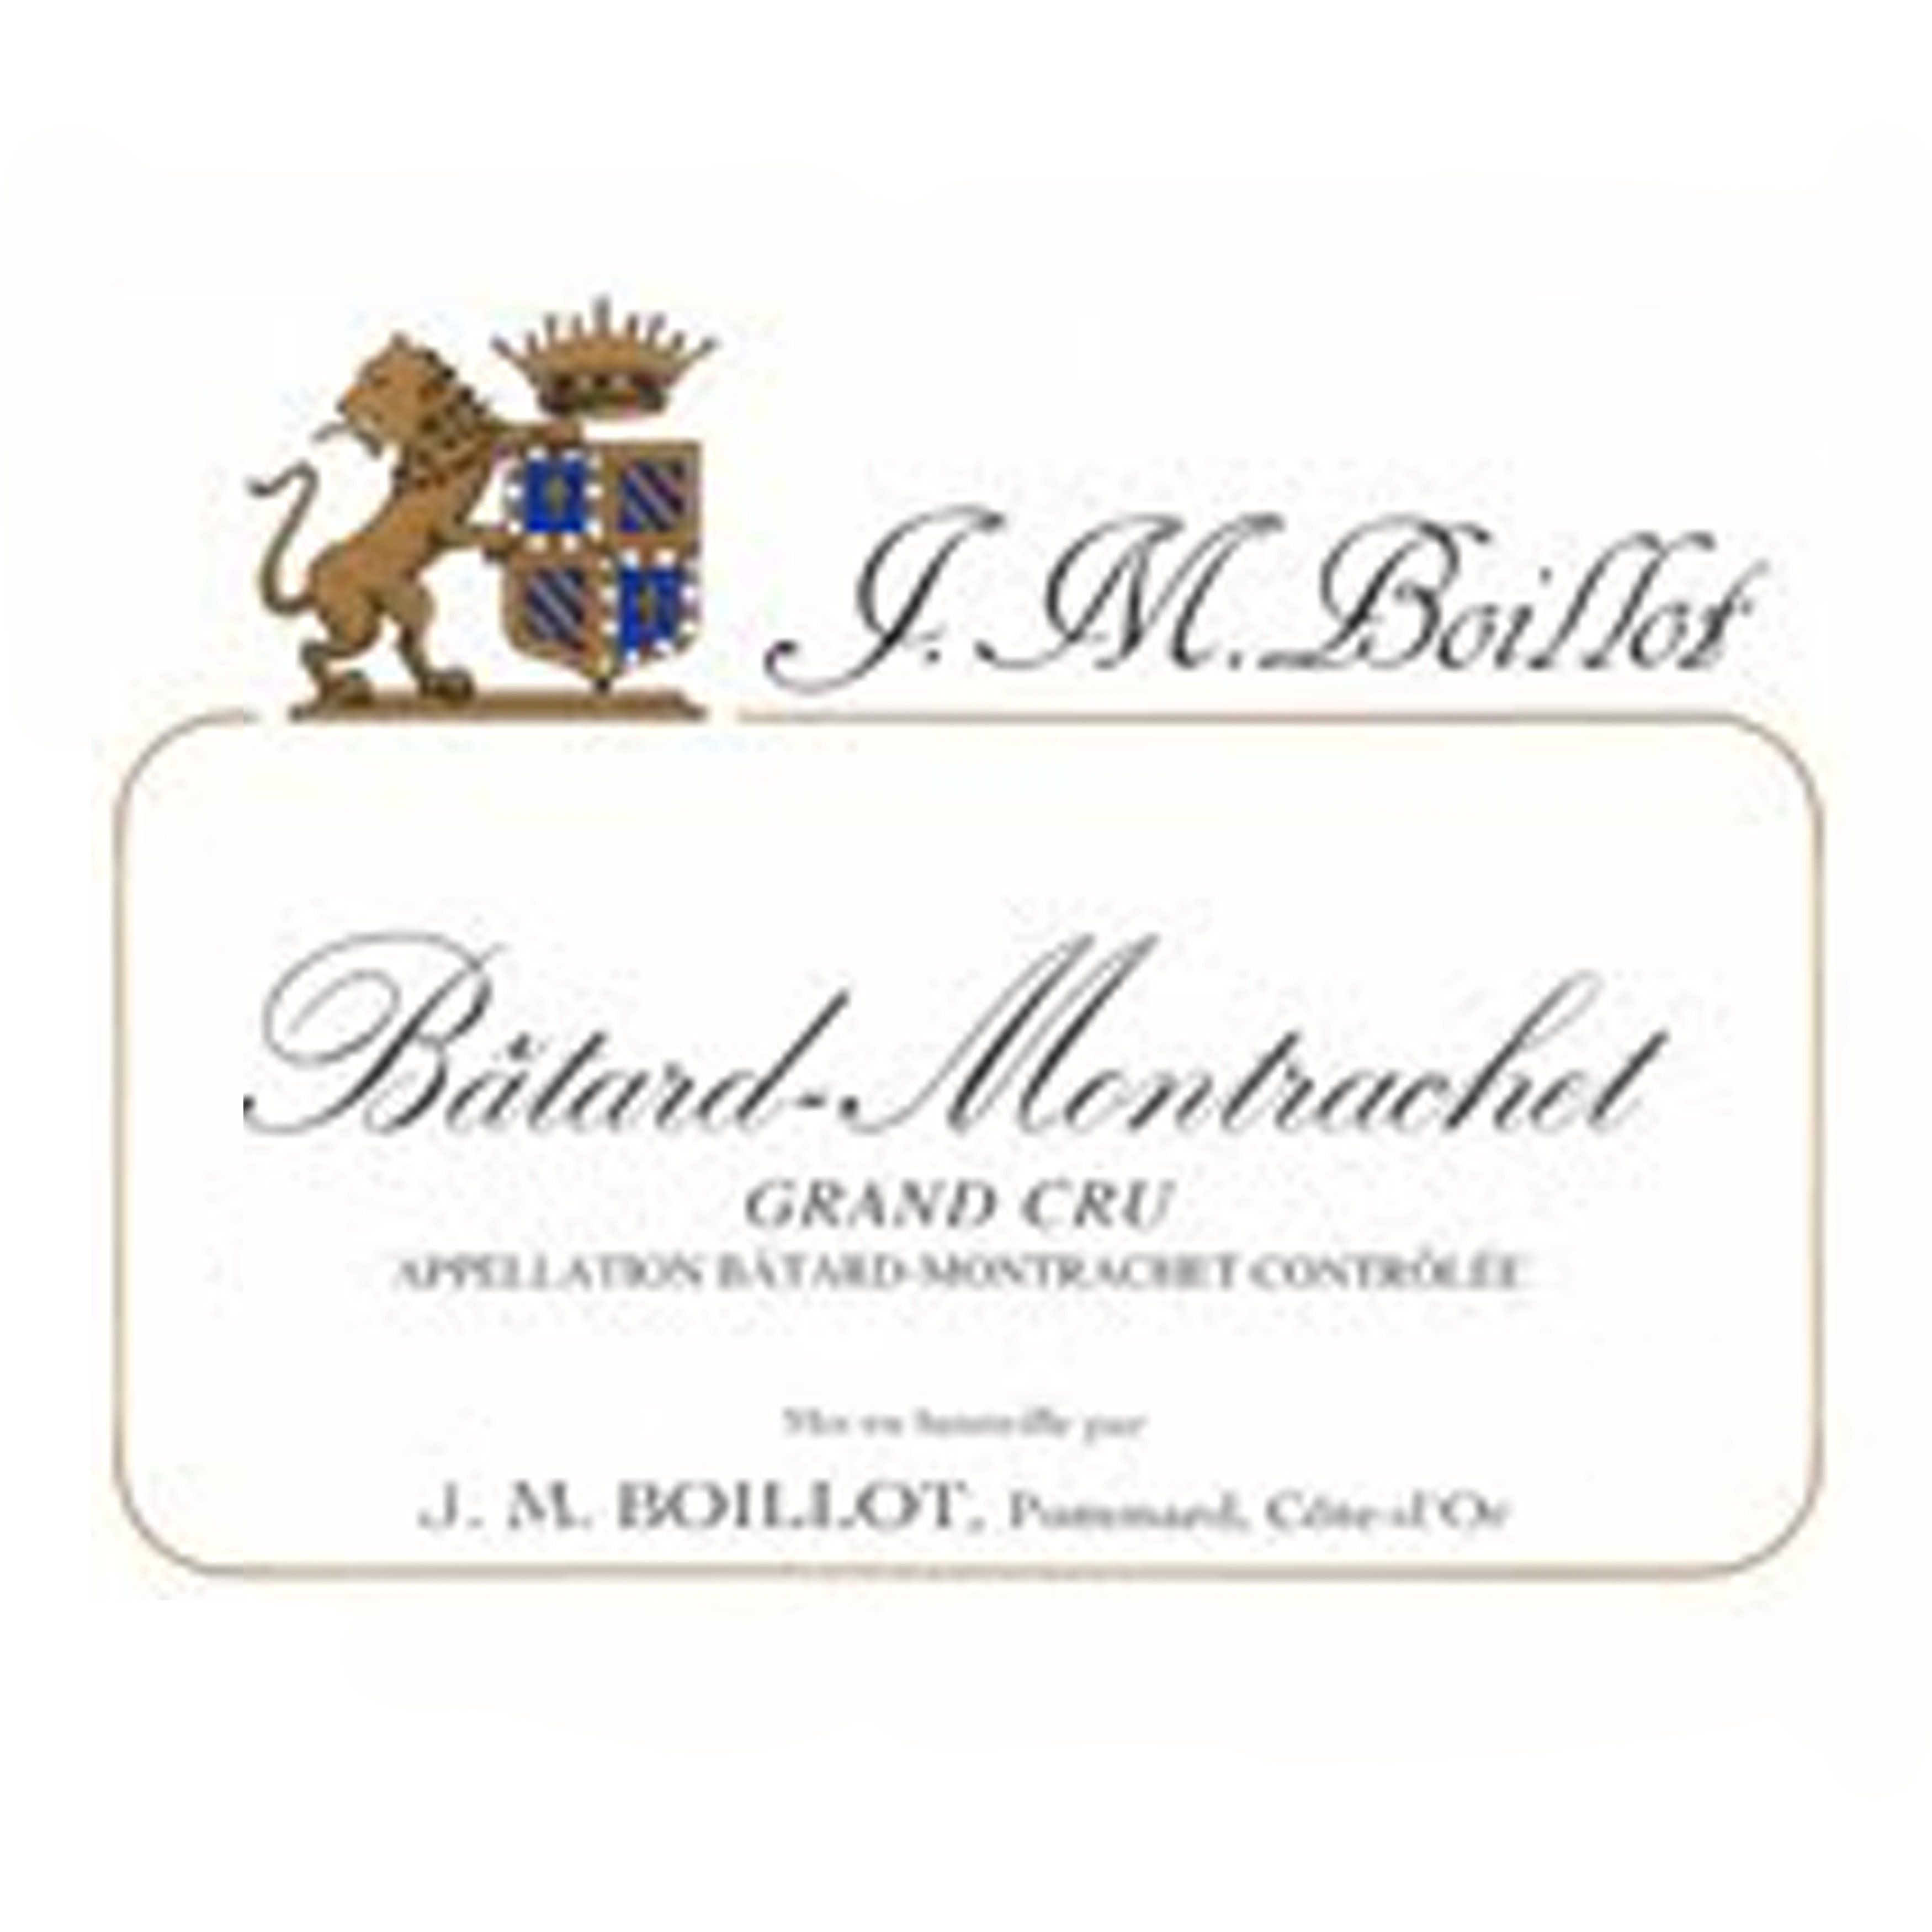 Jean-Marc Boillot Batard-Montrachet Grand Cru 2018 (3x75cl)